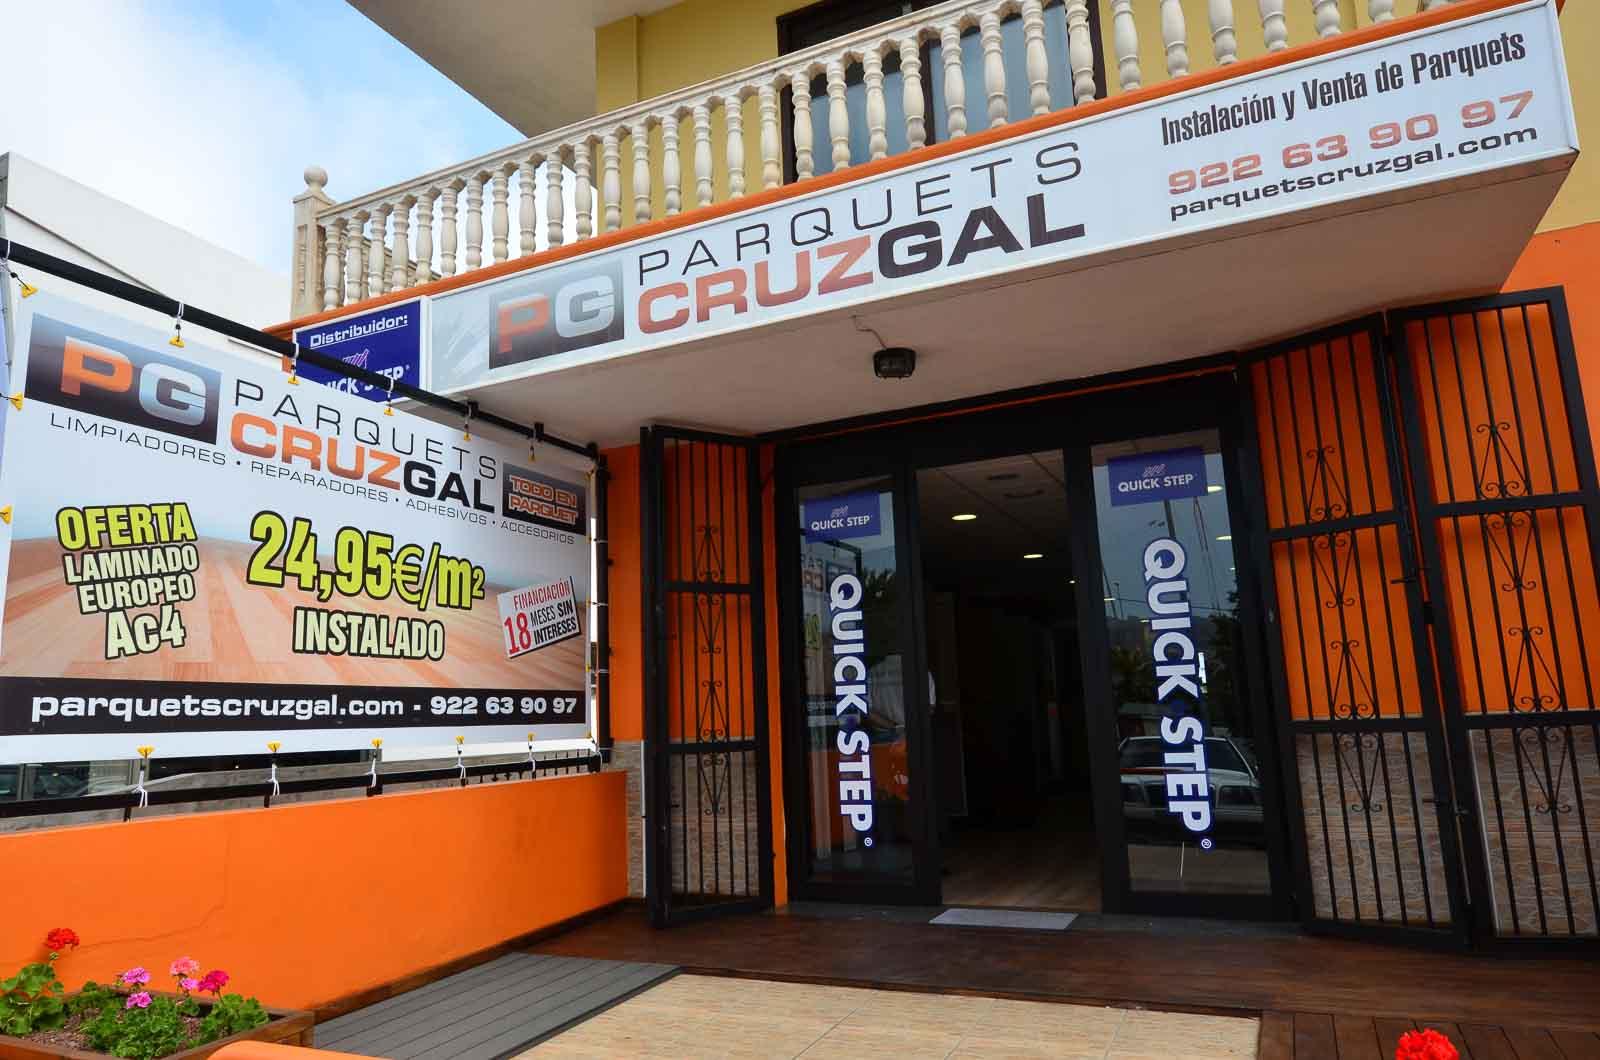 Parquets Cruz Gal Las Palmas copyright imagenia image consultant